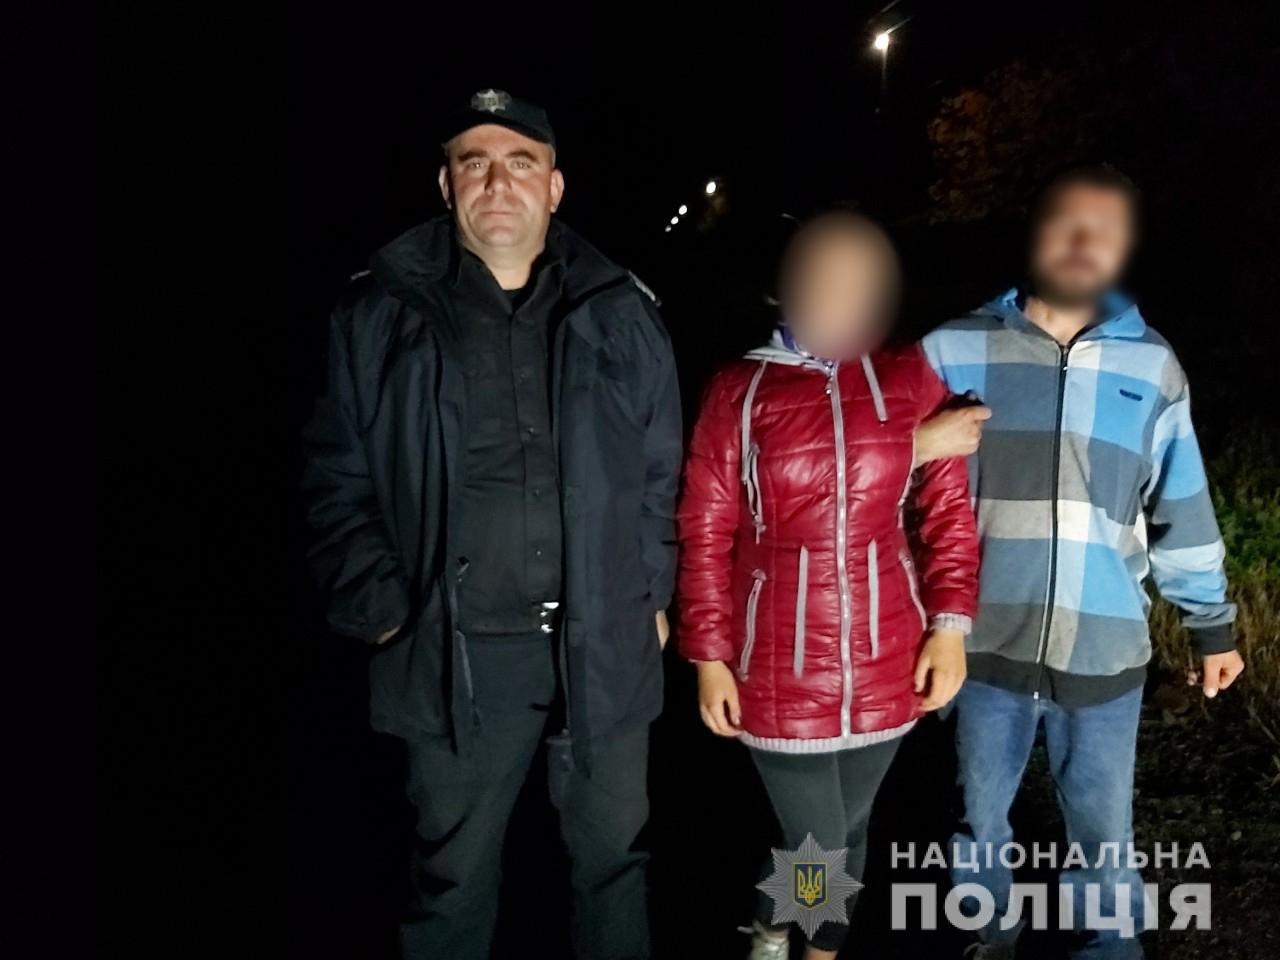 На Харьковщине полицейские разыскали девочку, которая сбежала от бабушки, - ФОТО, фото-1